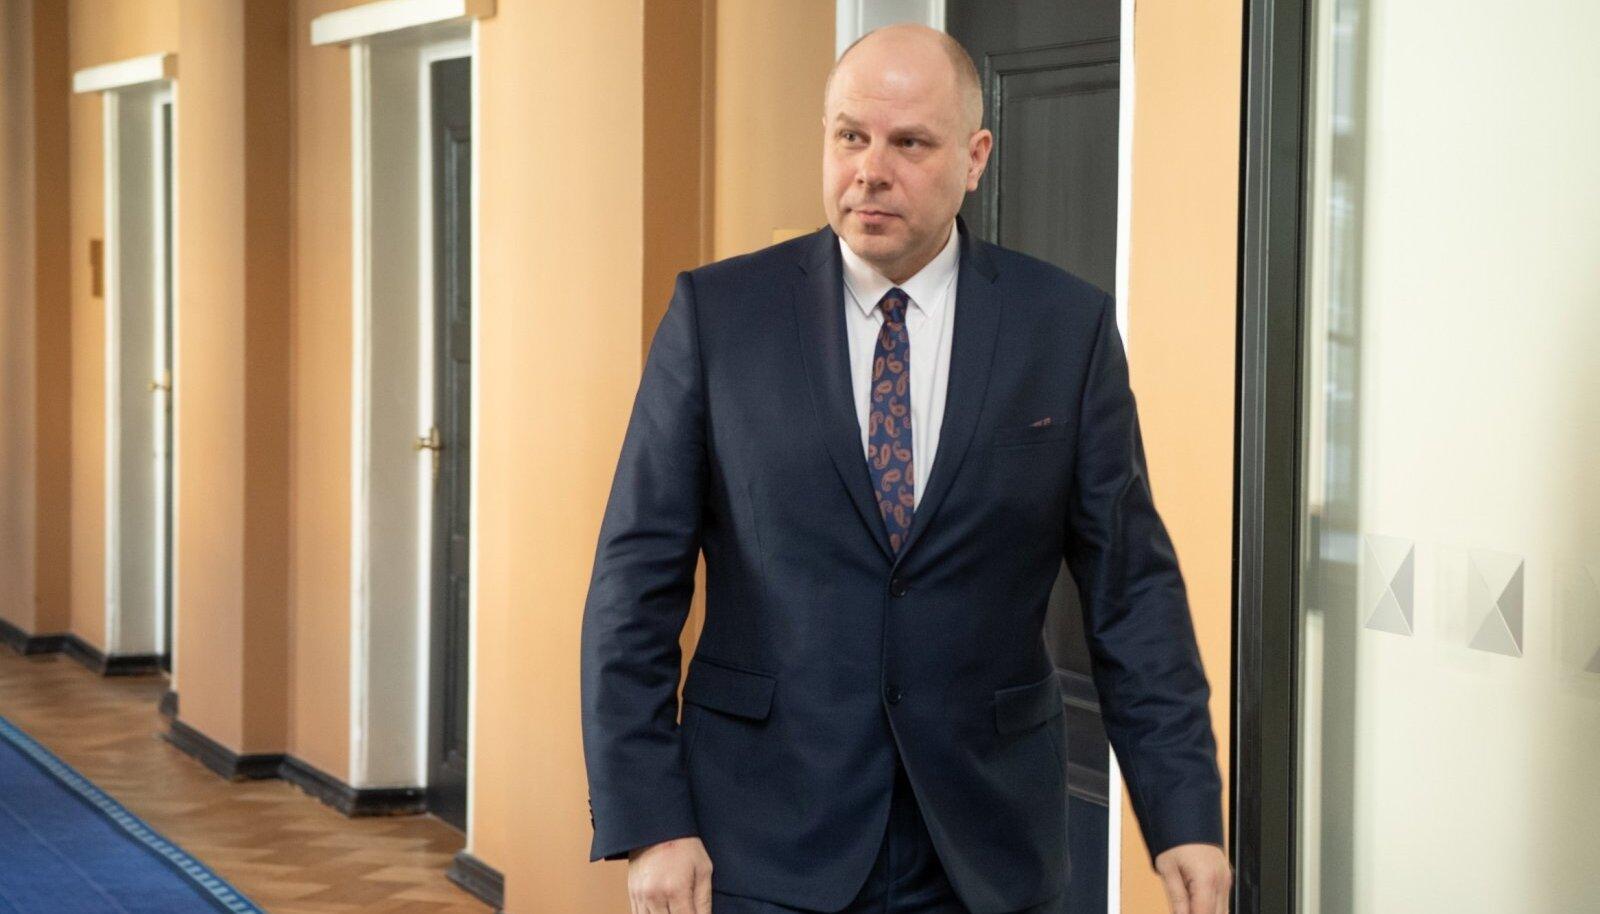 Raul Seim astus ametisse 21. aprillil